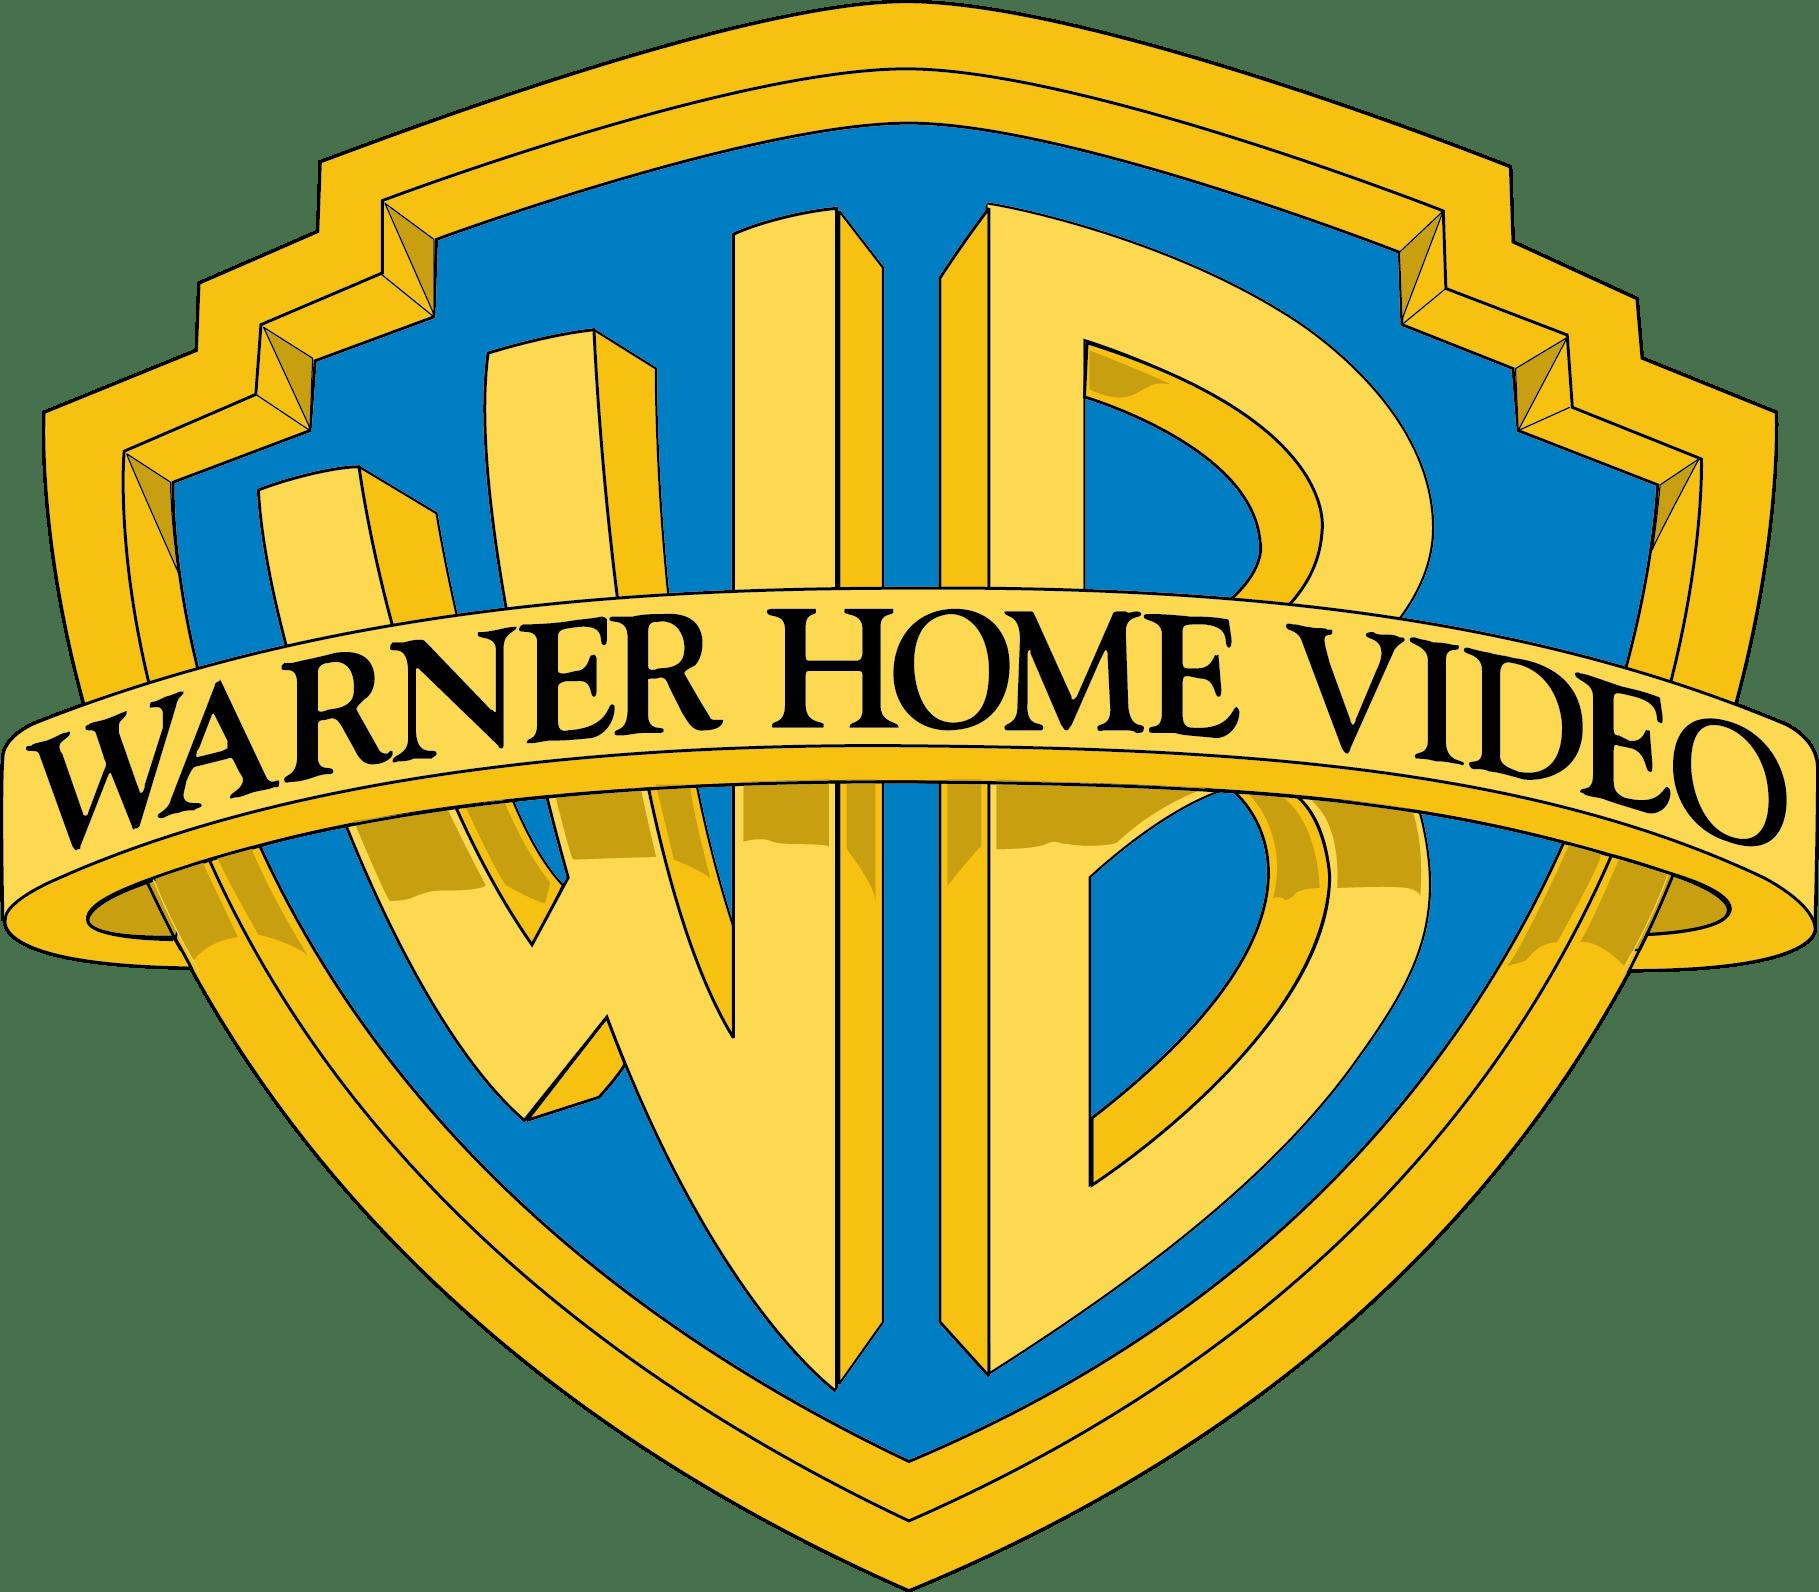 Warner Home Video Logo png